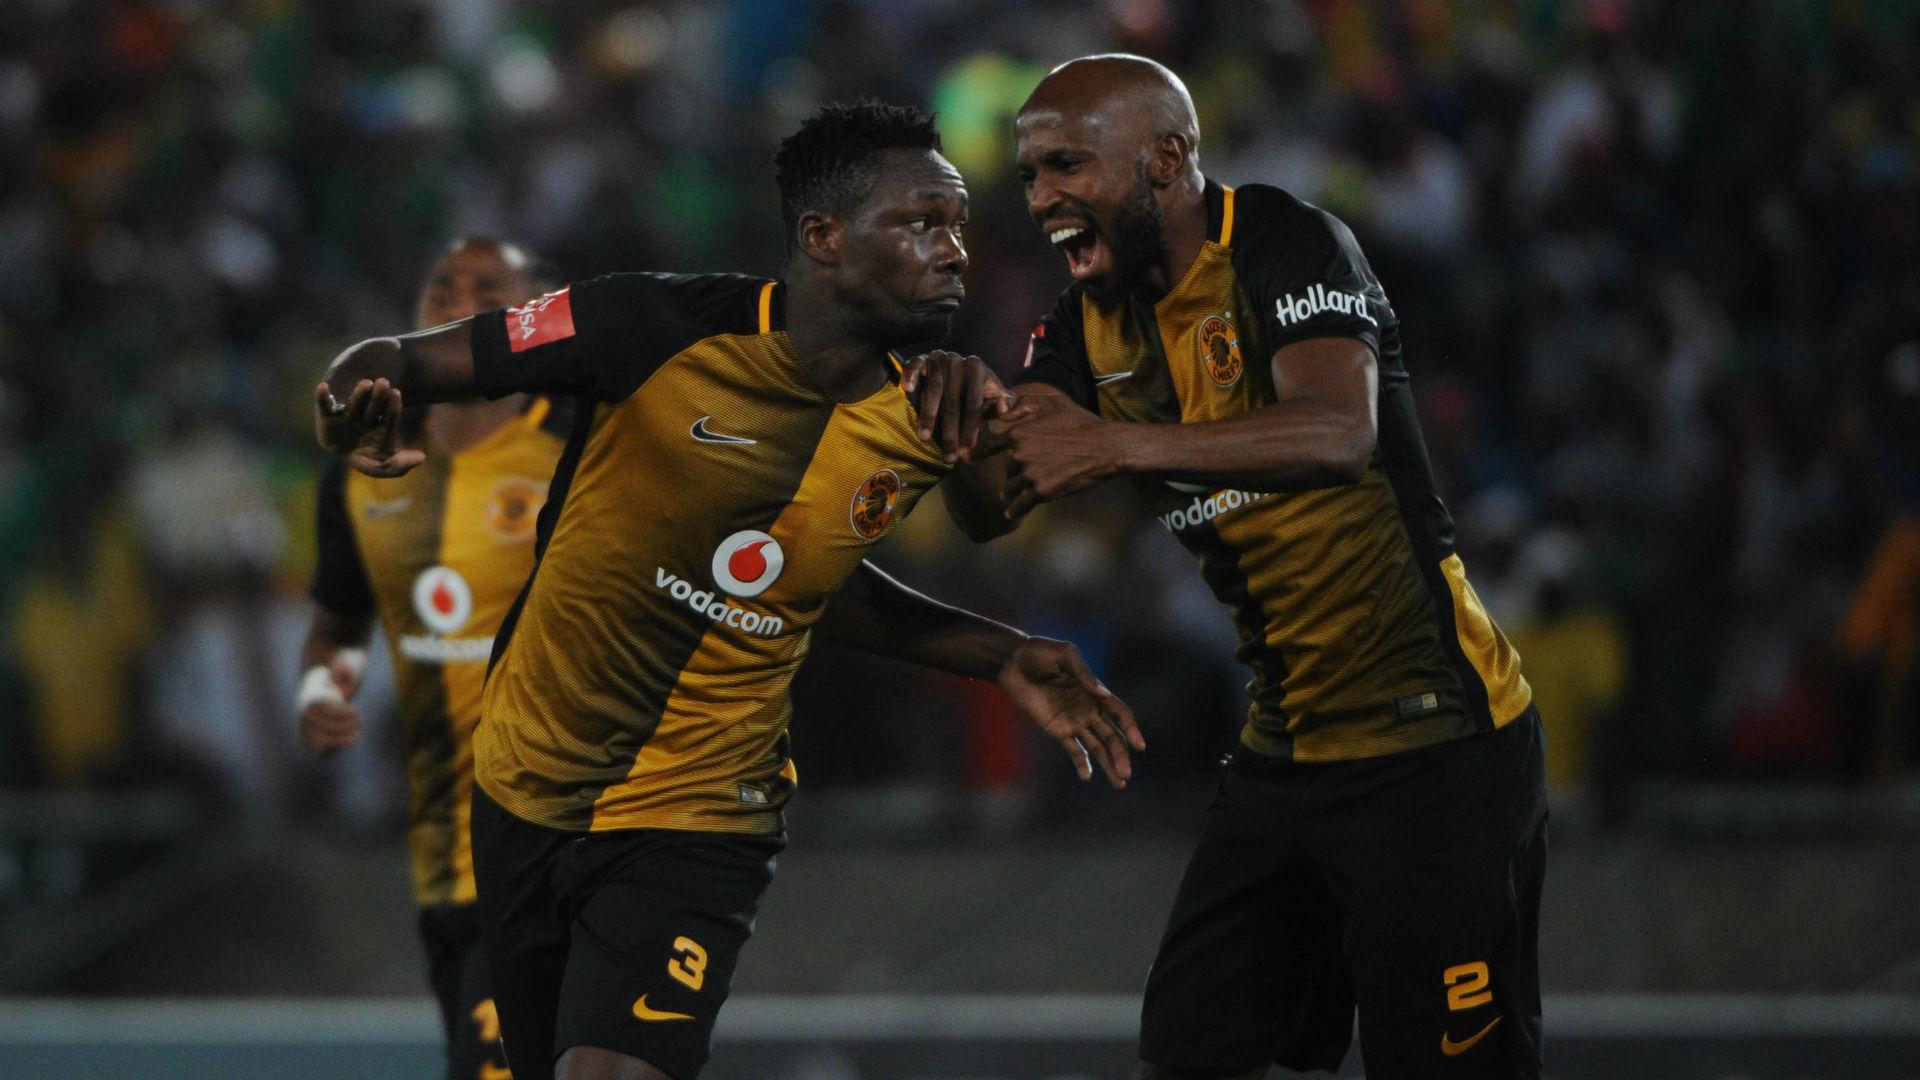 Erick Mathoho and Ramahlwe Mphahlele - Kaizer Chiefs